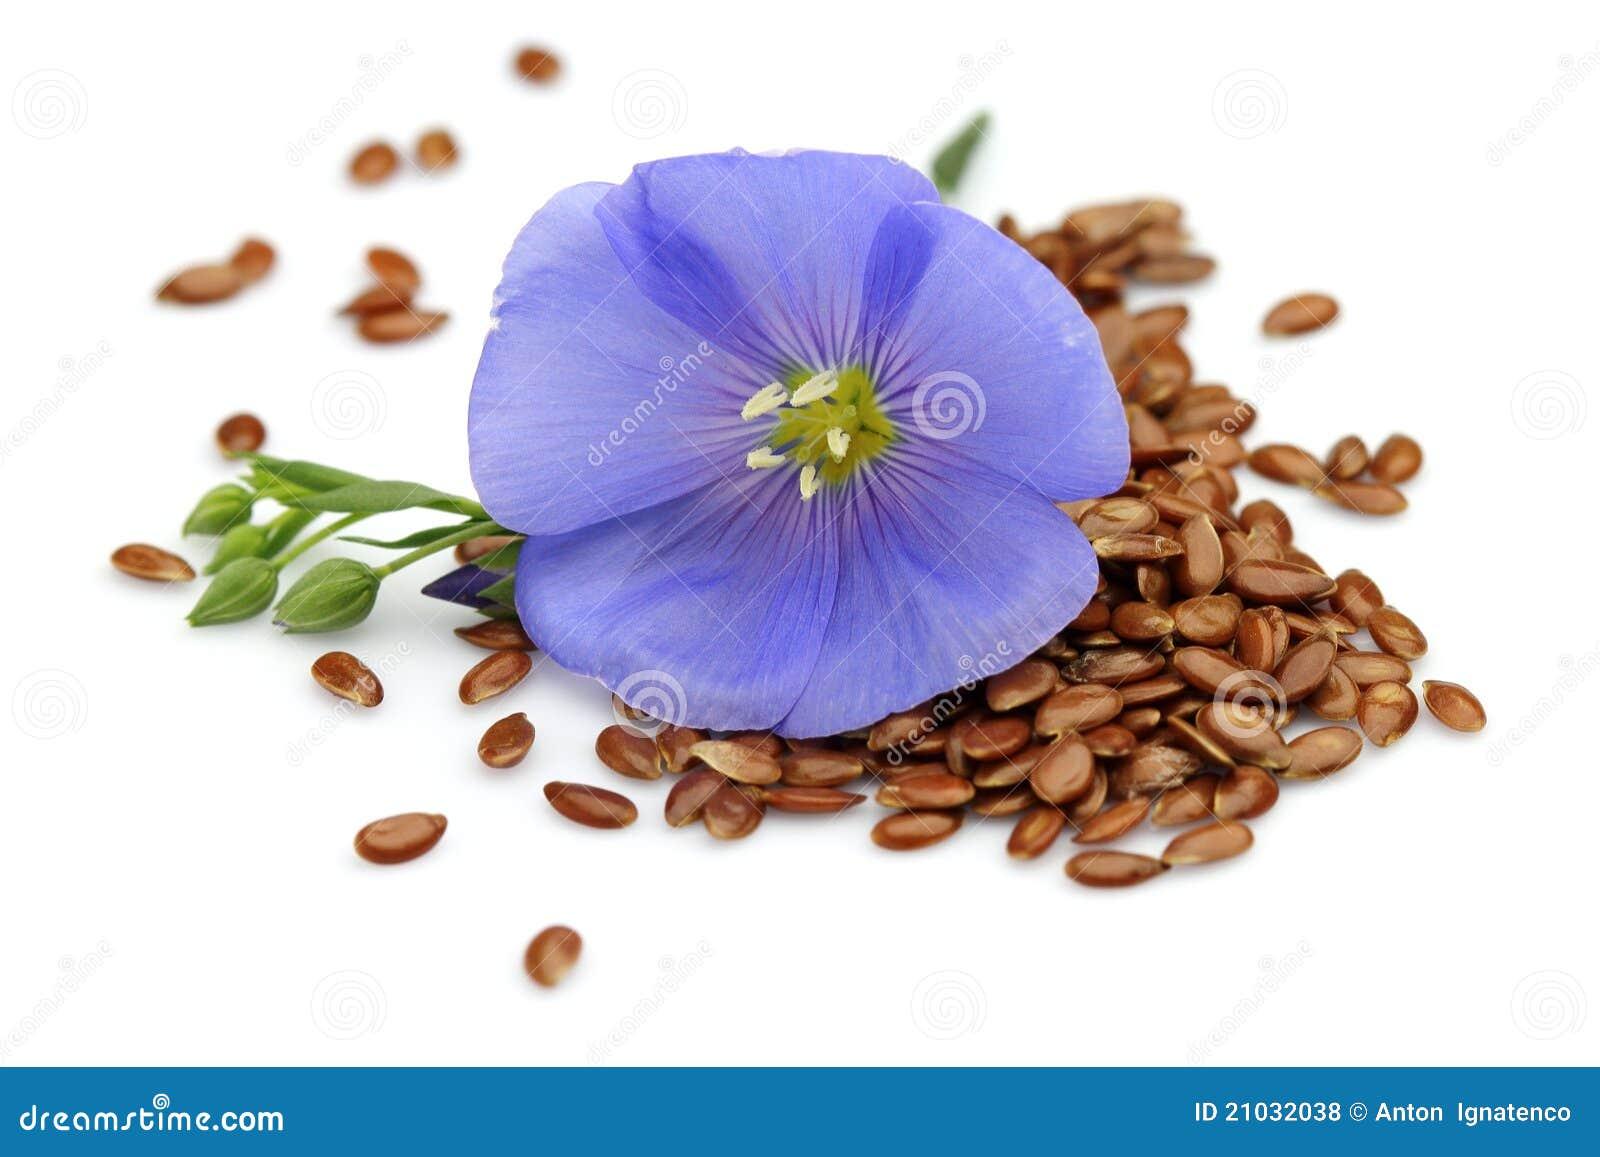 Какие семена цветов бывают